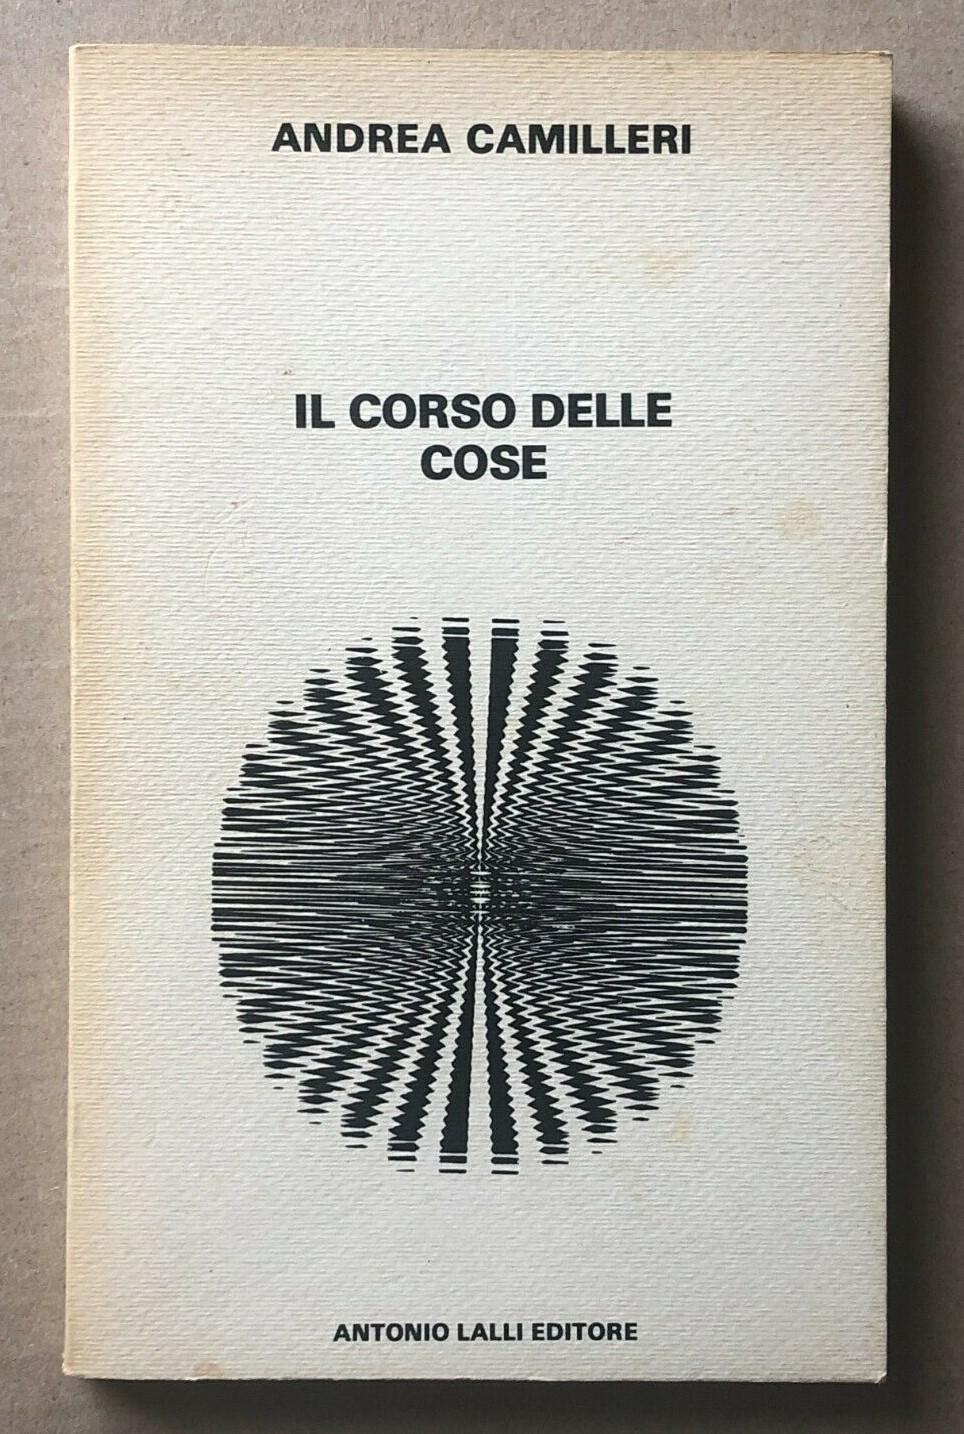 """Appare una copia de """"Il corso delle cose"""" di Andrea Camilleri (Lalli, 1978): il primo romanzo del grande scrittore siciliano"""